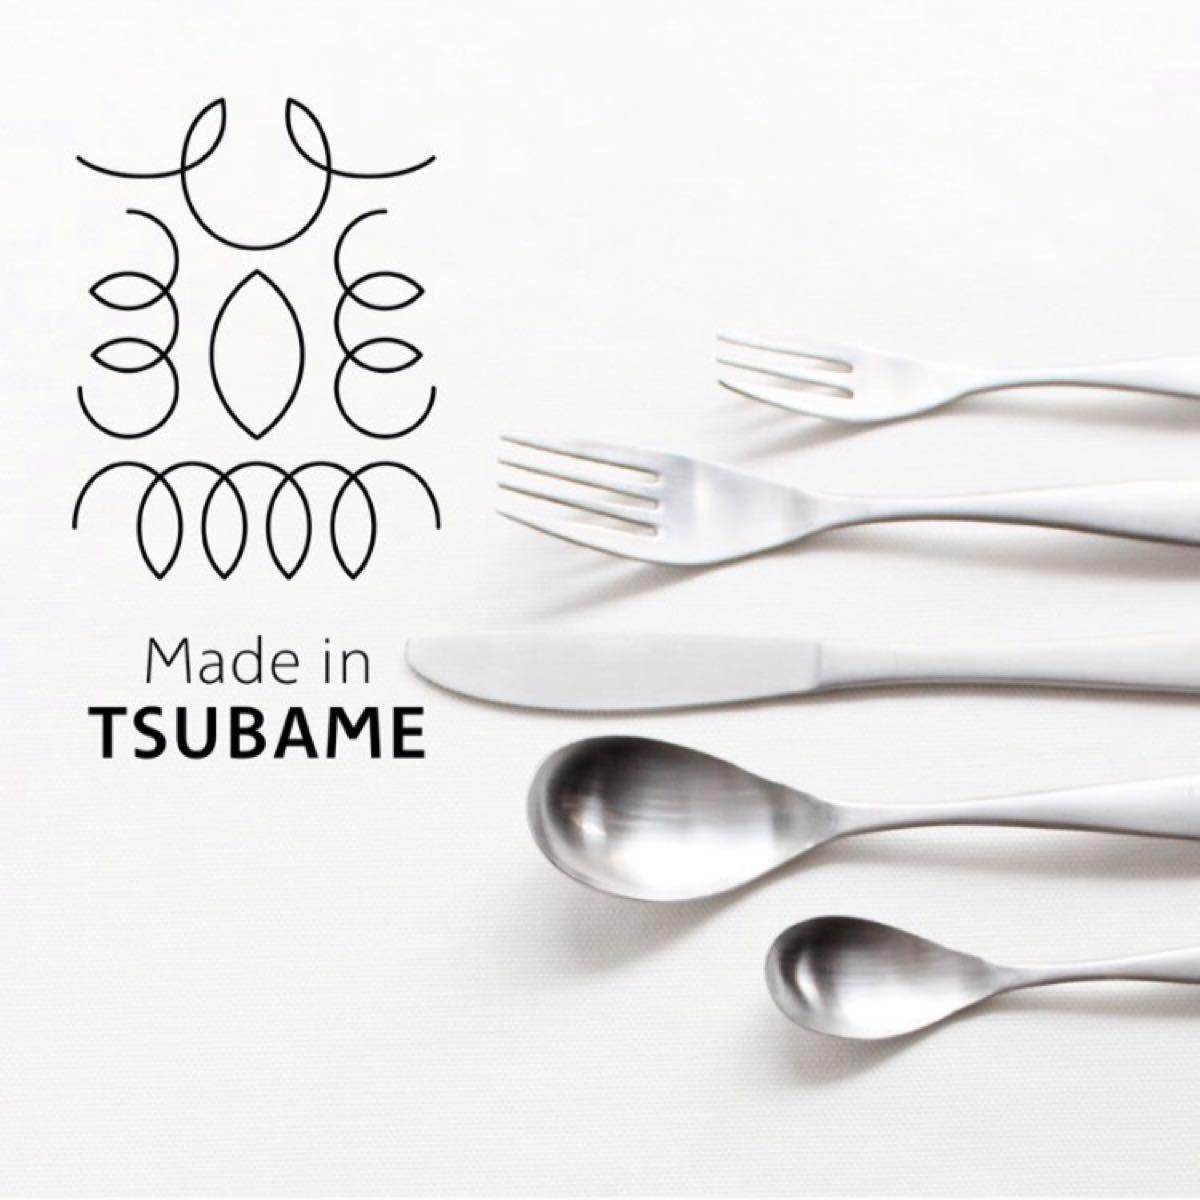 ツバメカトラリー 12本セット フォーク大&ナイフ&スプーン大 新品未使用 made in tsubame 燕